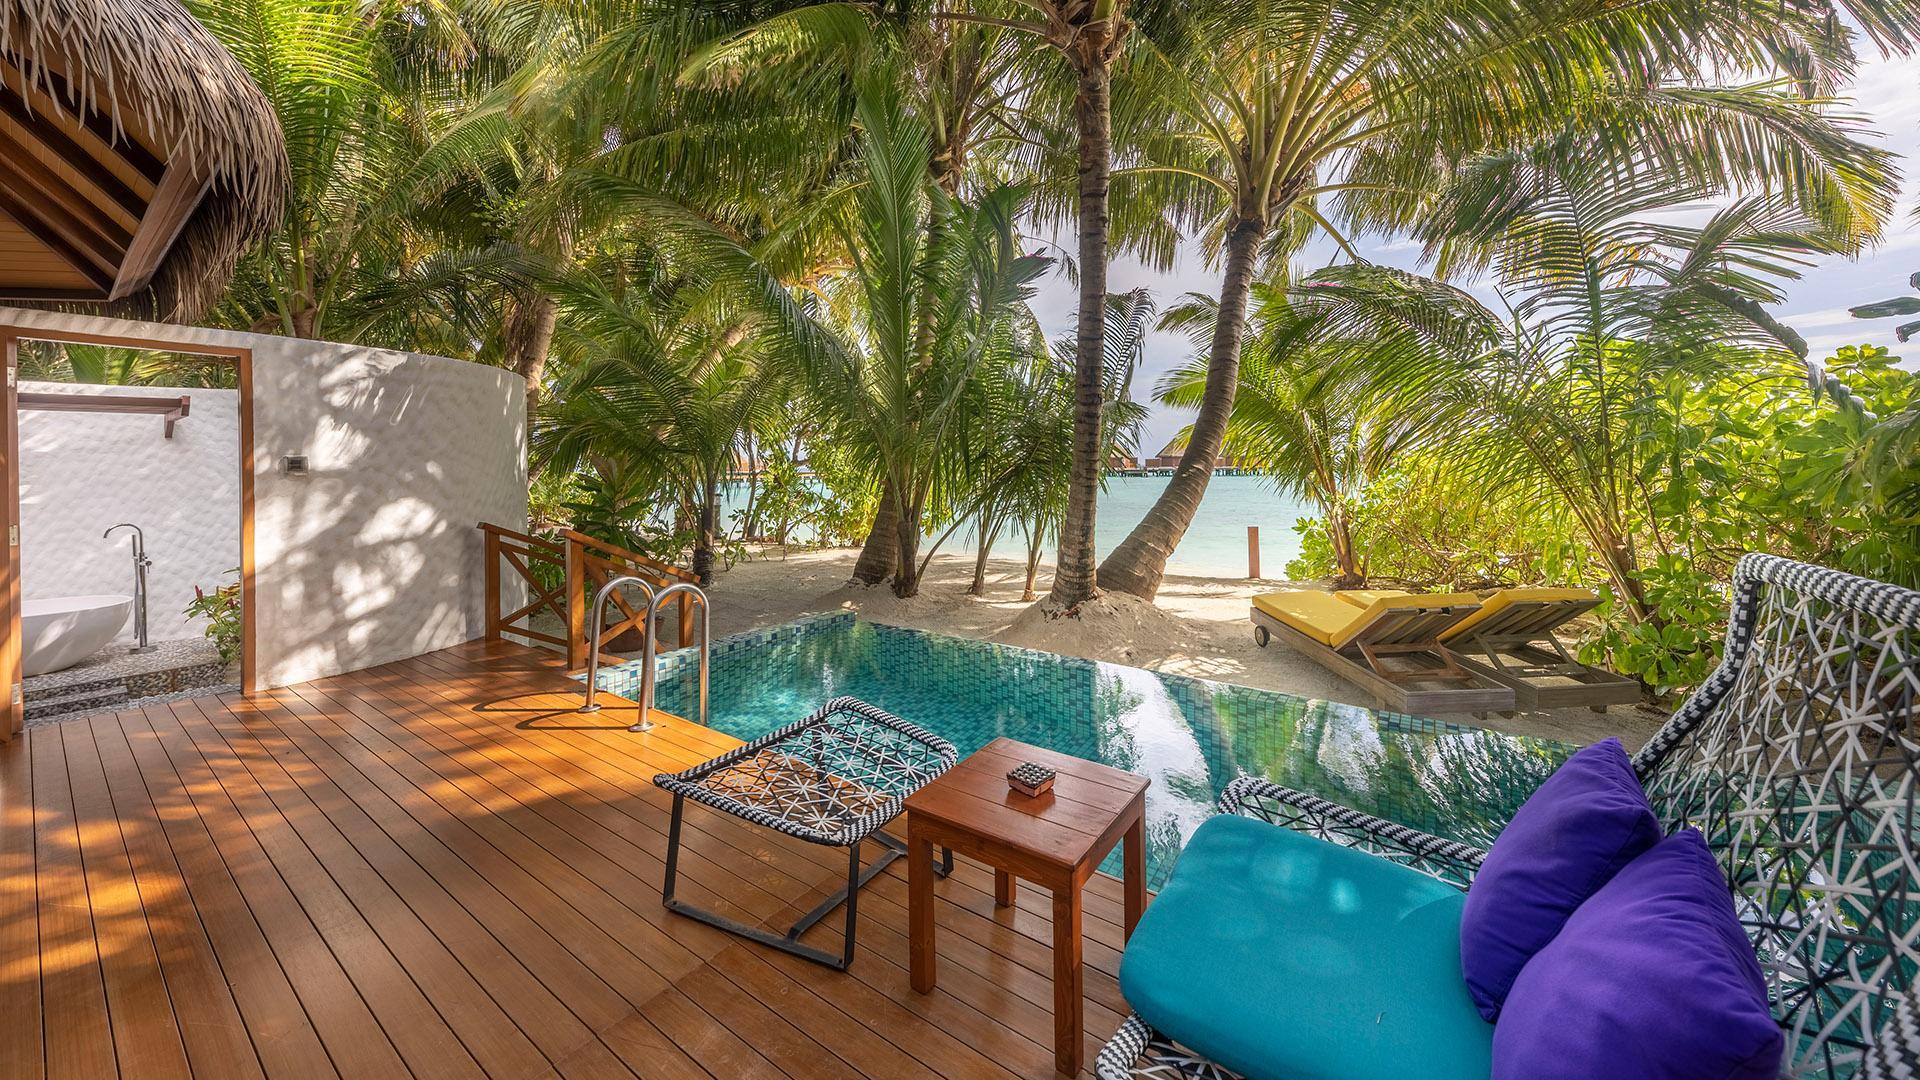 Beach Pool Villa image 1 at Mercure Maldives Kooddoo by Gaafu Alifu Atoll, Upper South Province, Maldives